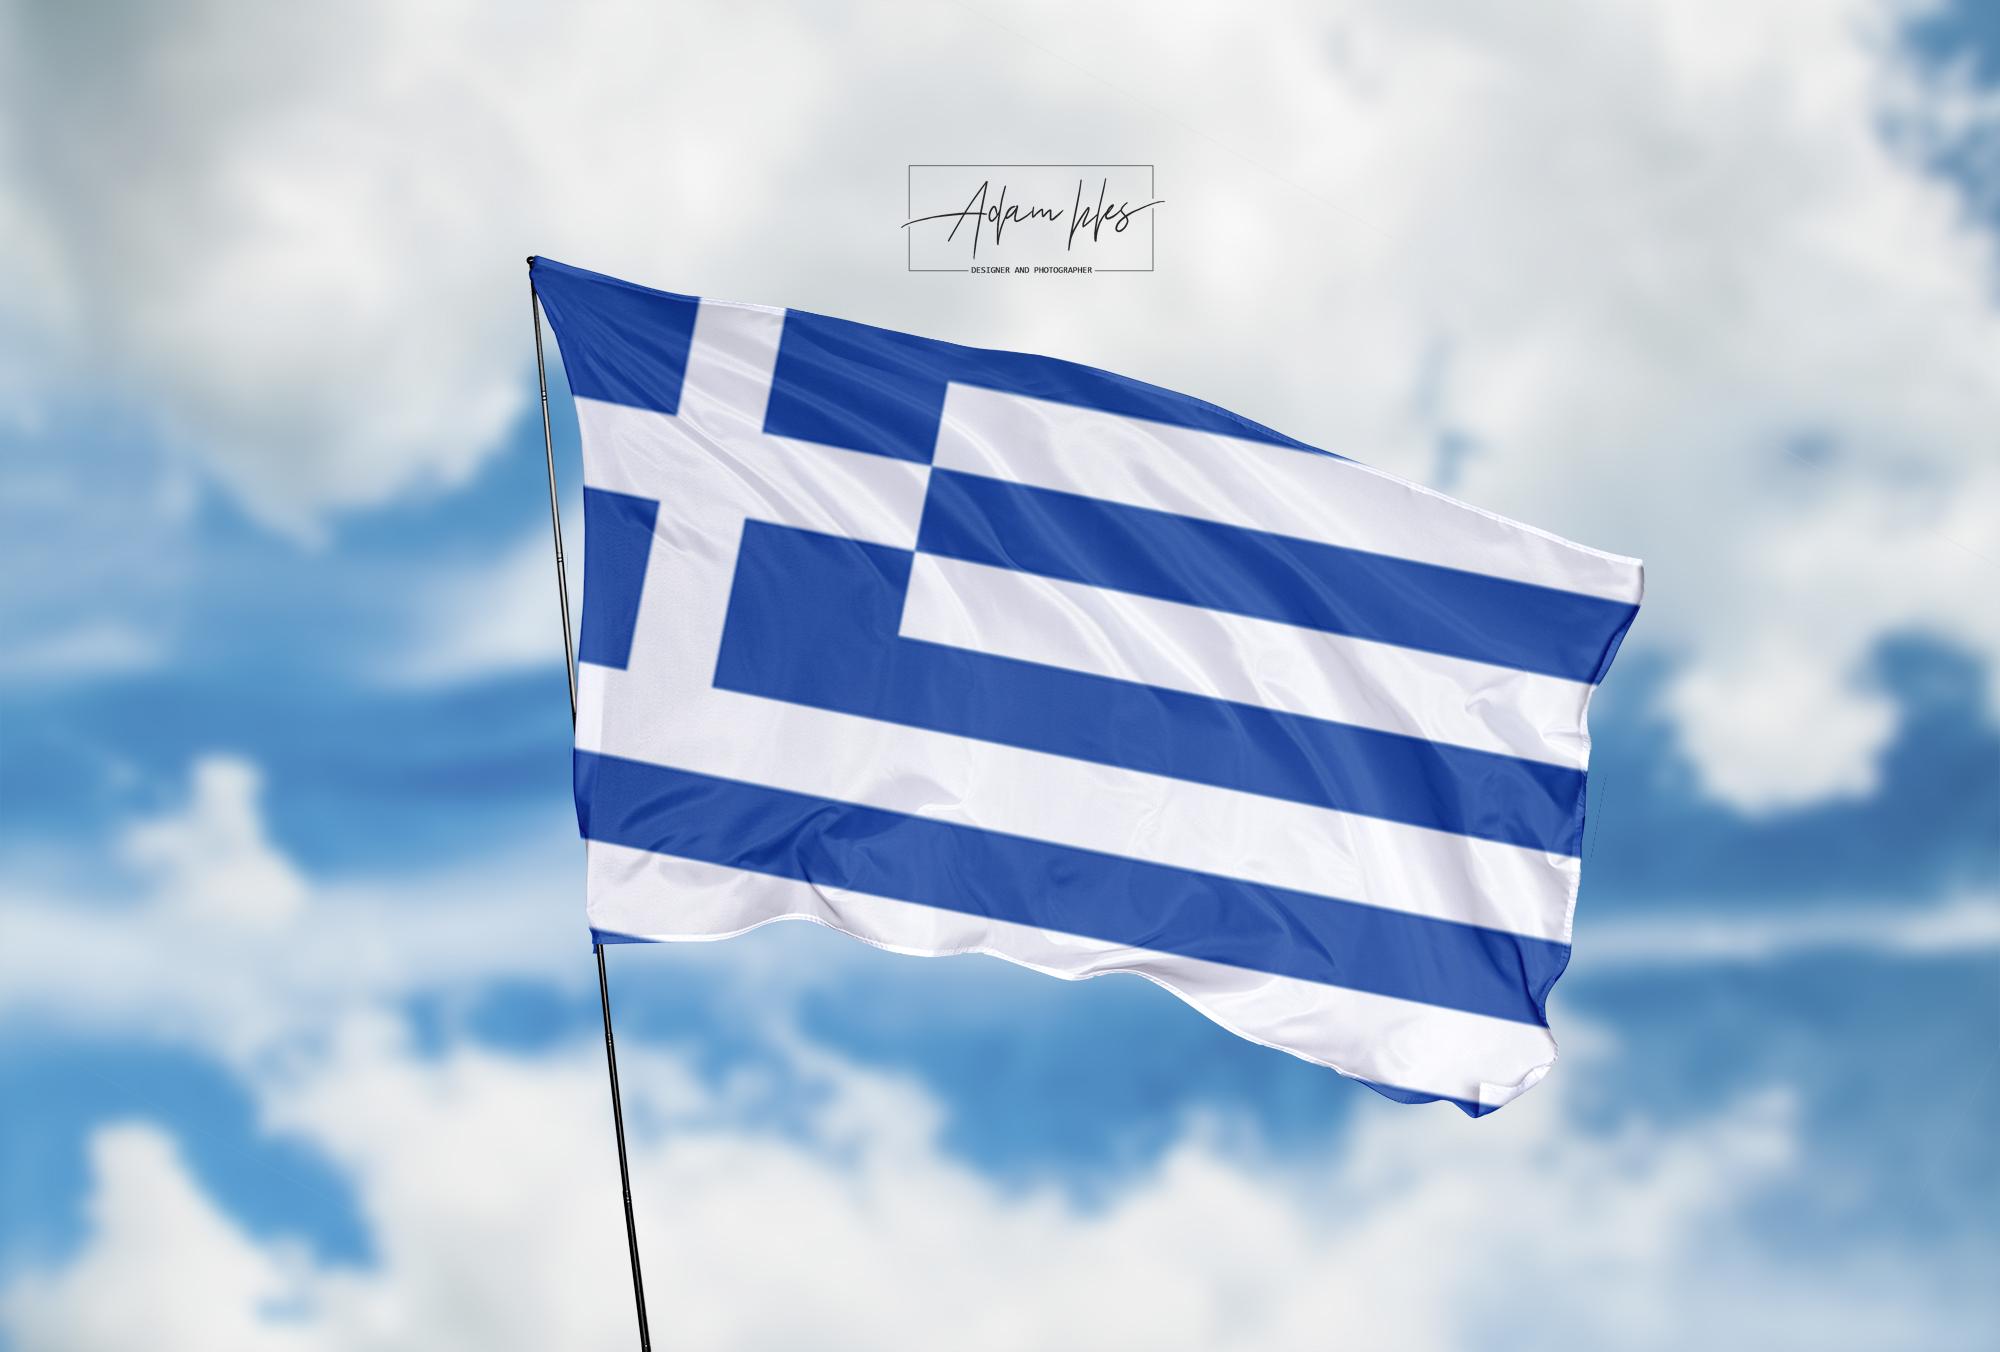 تحميل اجمل خلفية علم اليونان يرفرف في السماء - اجمل خلفيات اليونان الرائعة